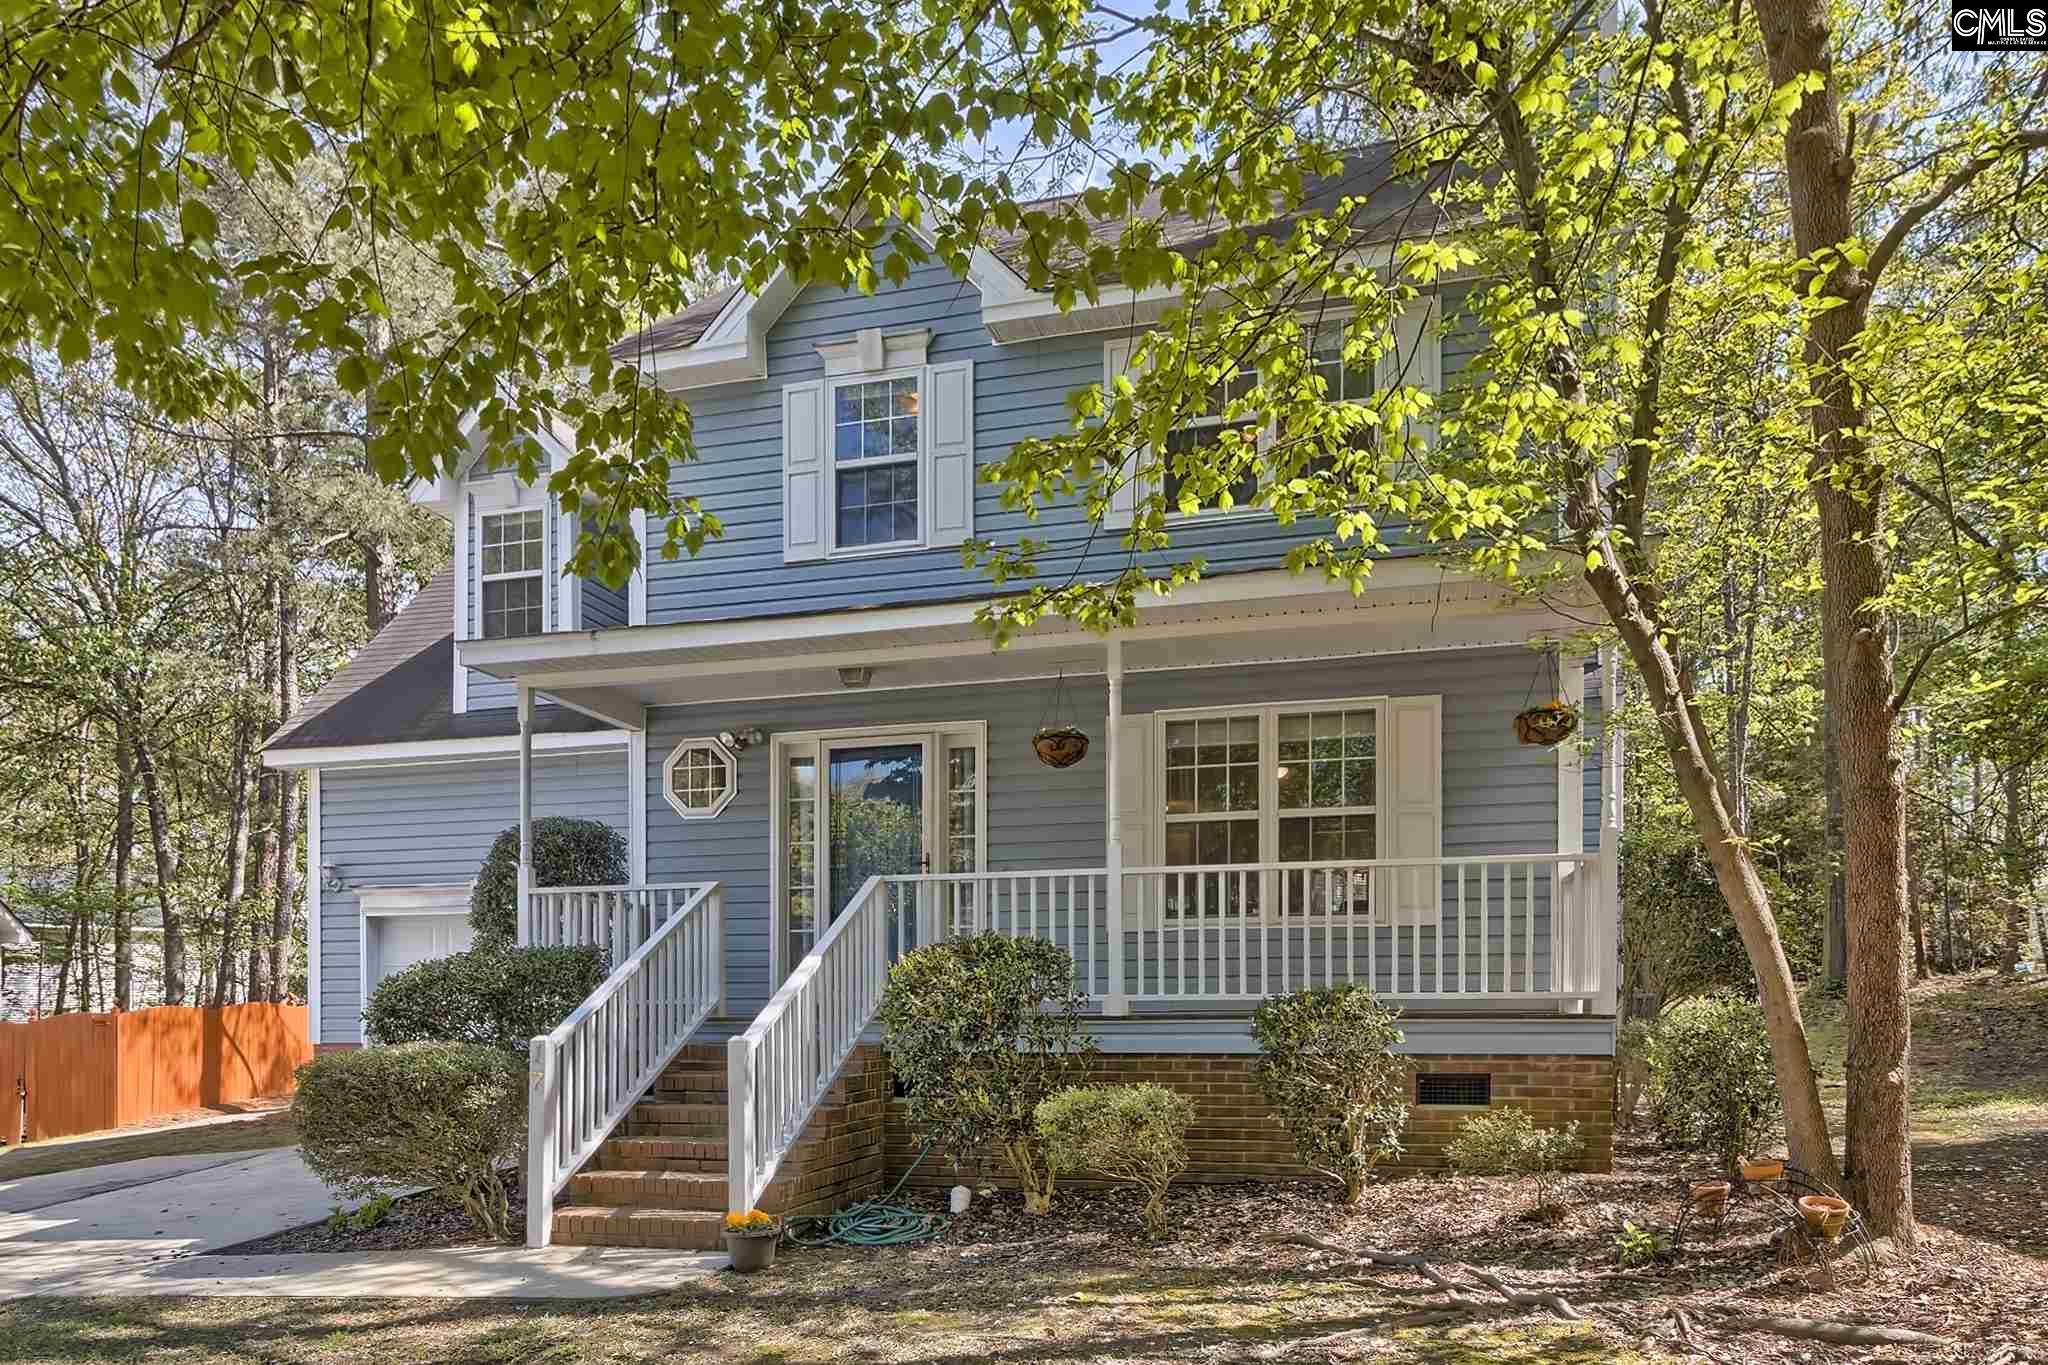 17  Colony House Columbia, SC 29212-3520